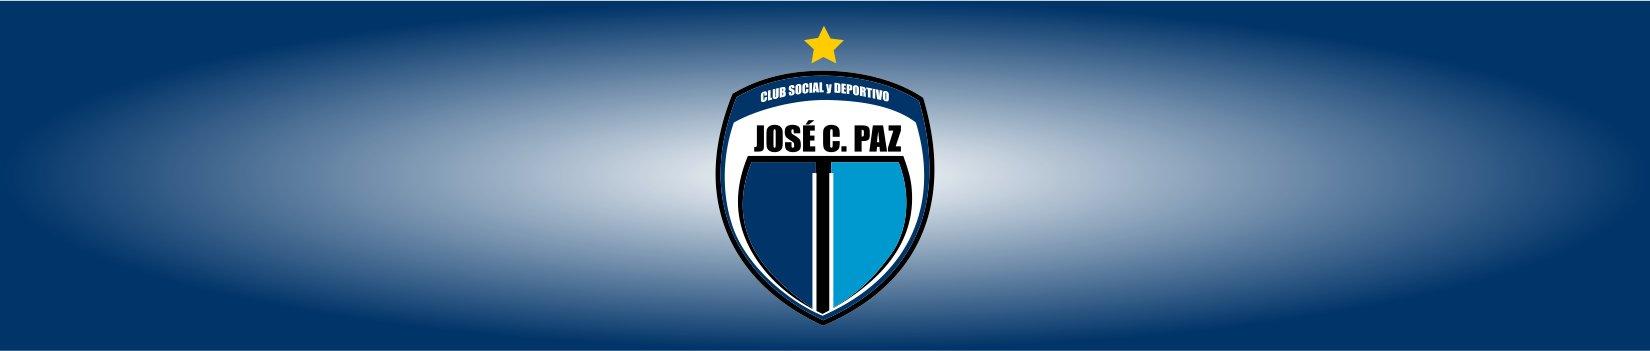 Club Social y Deportivo José C. Paz